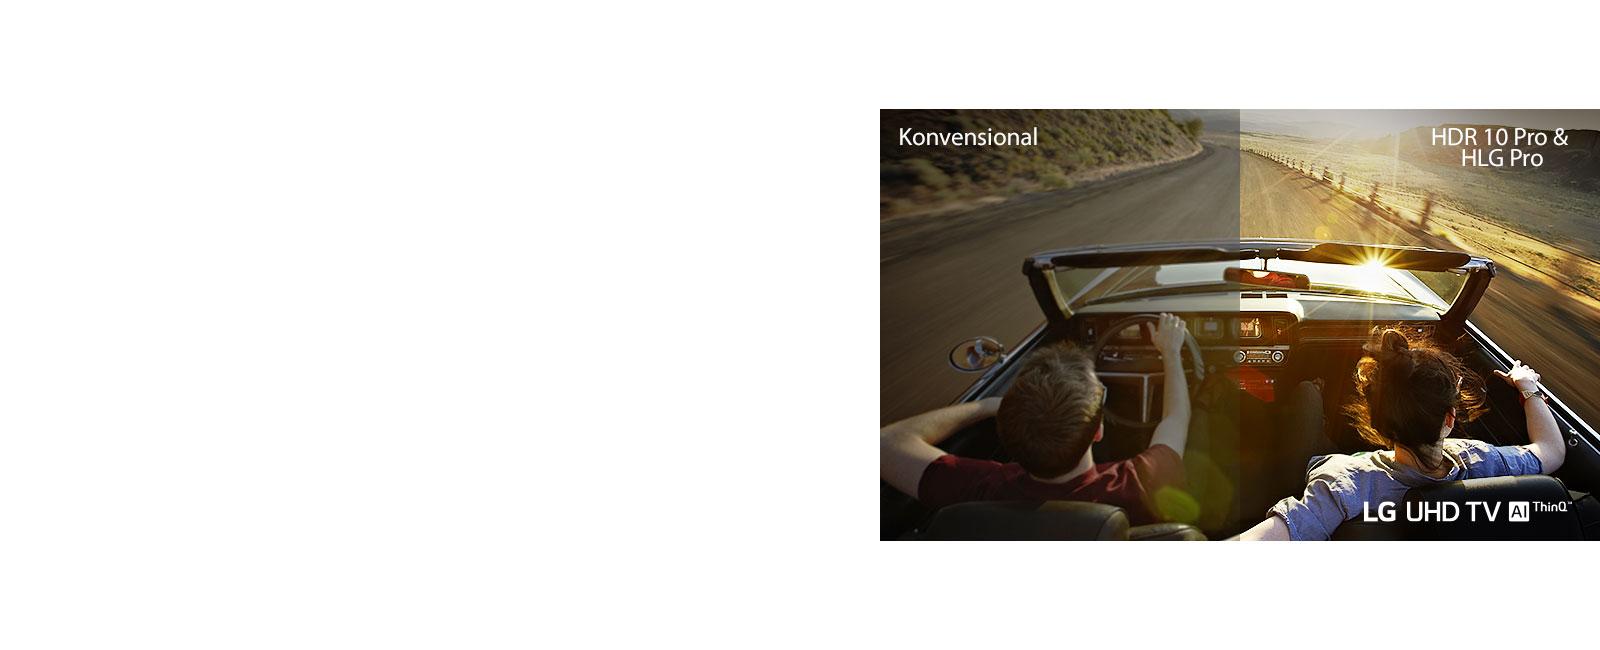 Satu pasangan mengendarai mobil di sebuah jalan. Separuhnya ditampilkan di layar biasa dengan kualitas gambar buruk. Separuh lainnya ditampilkan dengan kualitas gambar TV UHD LG yang tajam dan cerah.